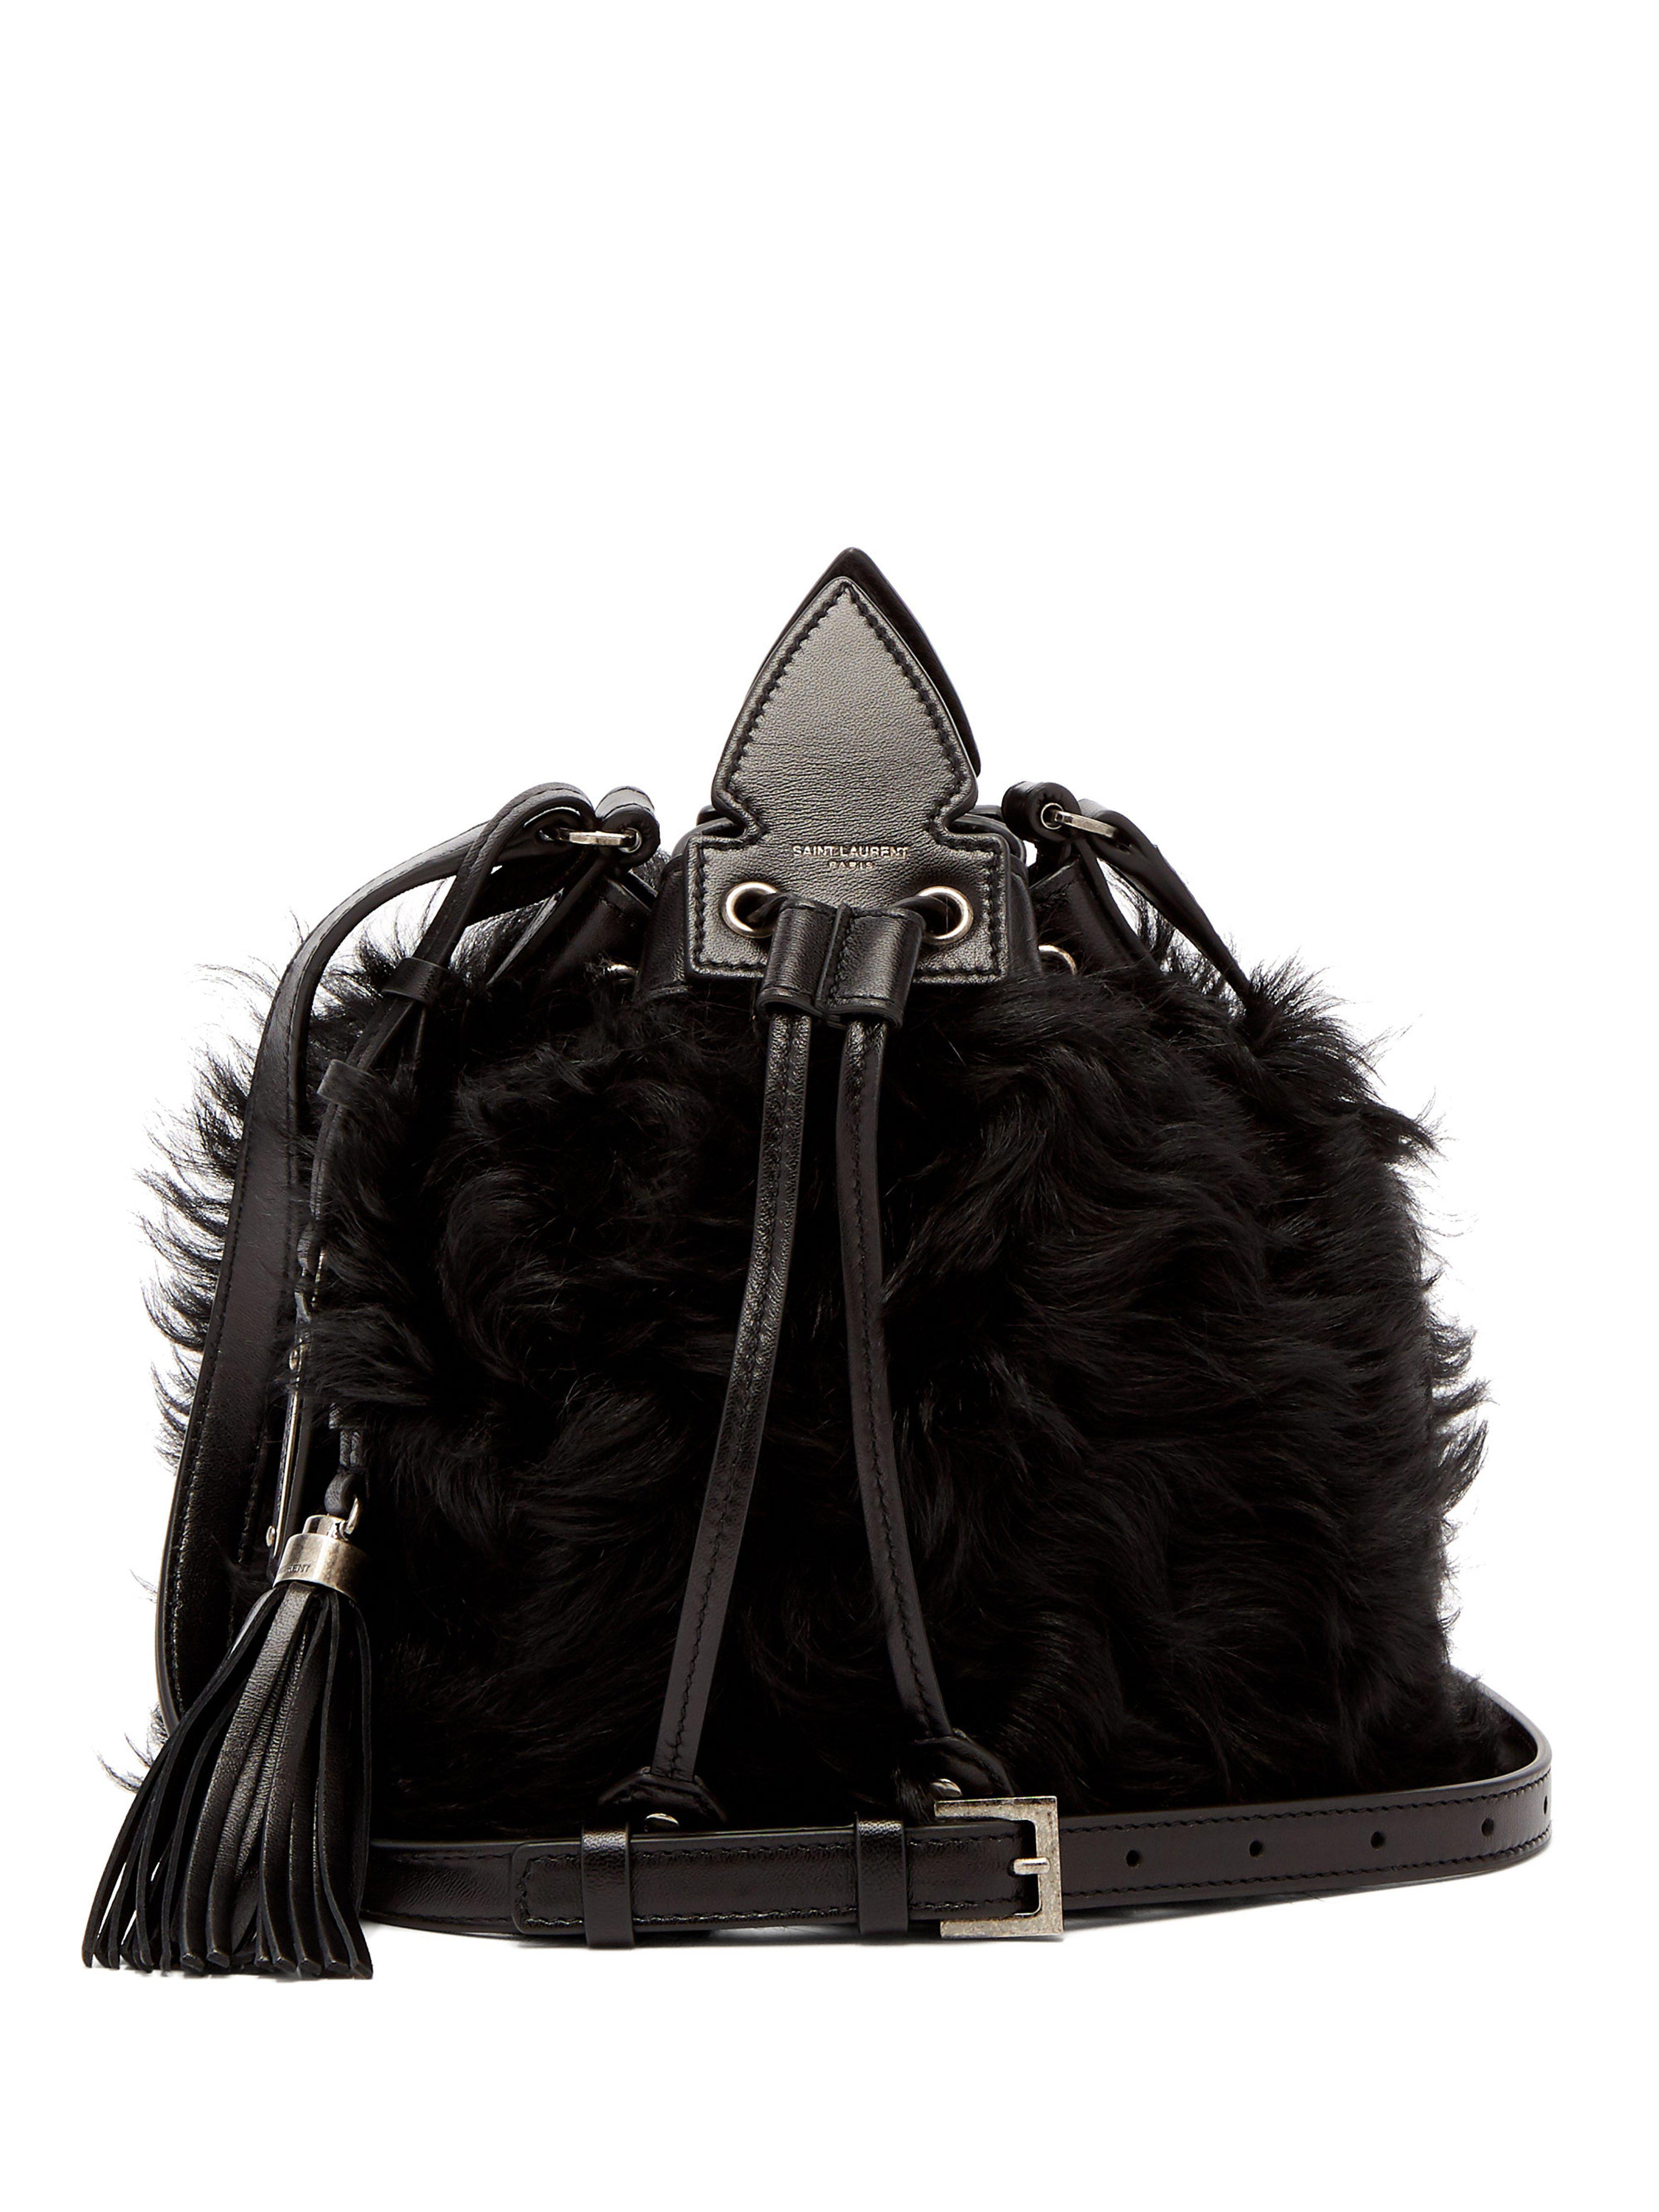 613526cf70ba Saint Laurent Anja Shearling Crossbody Bag in Black - Lyst